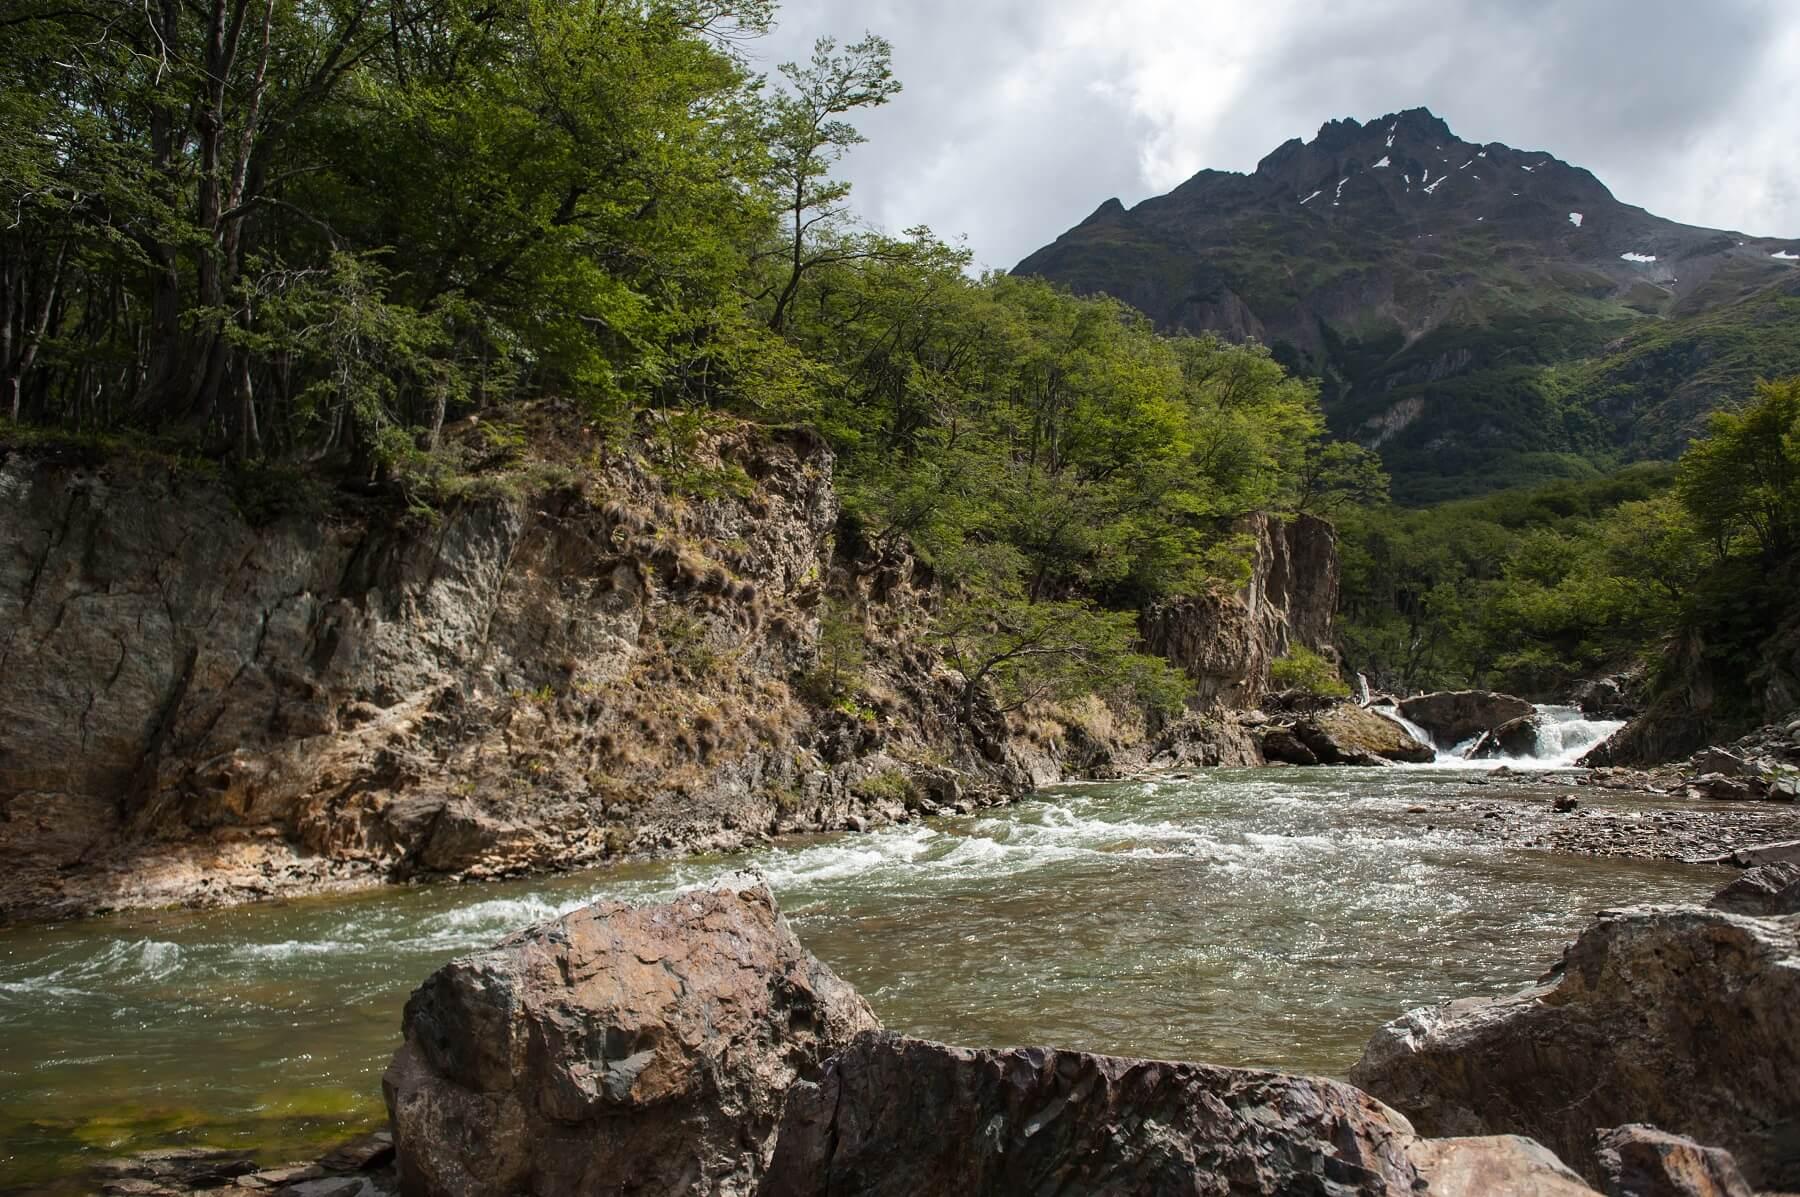 O Ushuaia, capital da Terra do Fogo, é um dos destinos que serviu de cenário para o filme 'O Regresso' (foto: Tierra del Fuego Secretaría de Turismo/Martin Gunter)